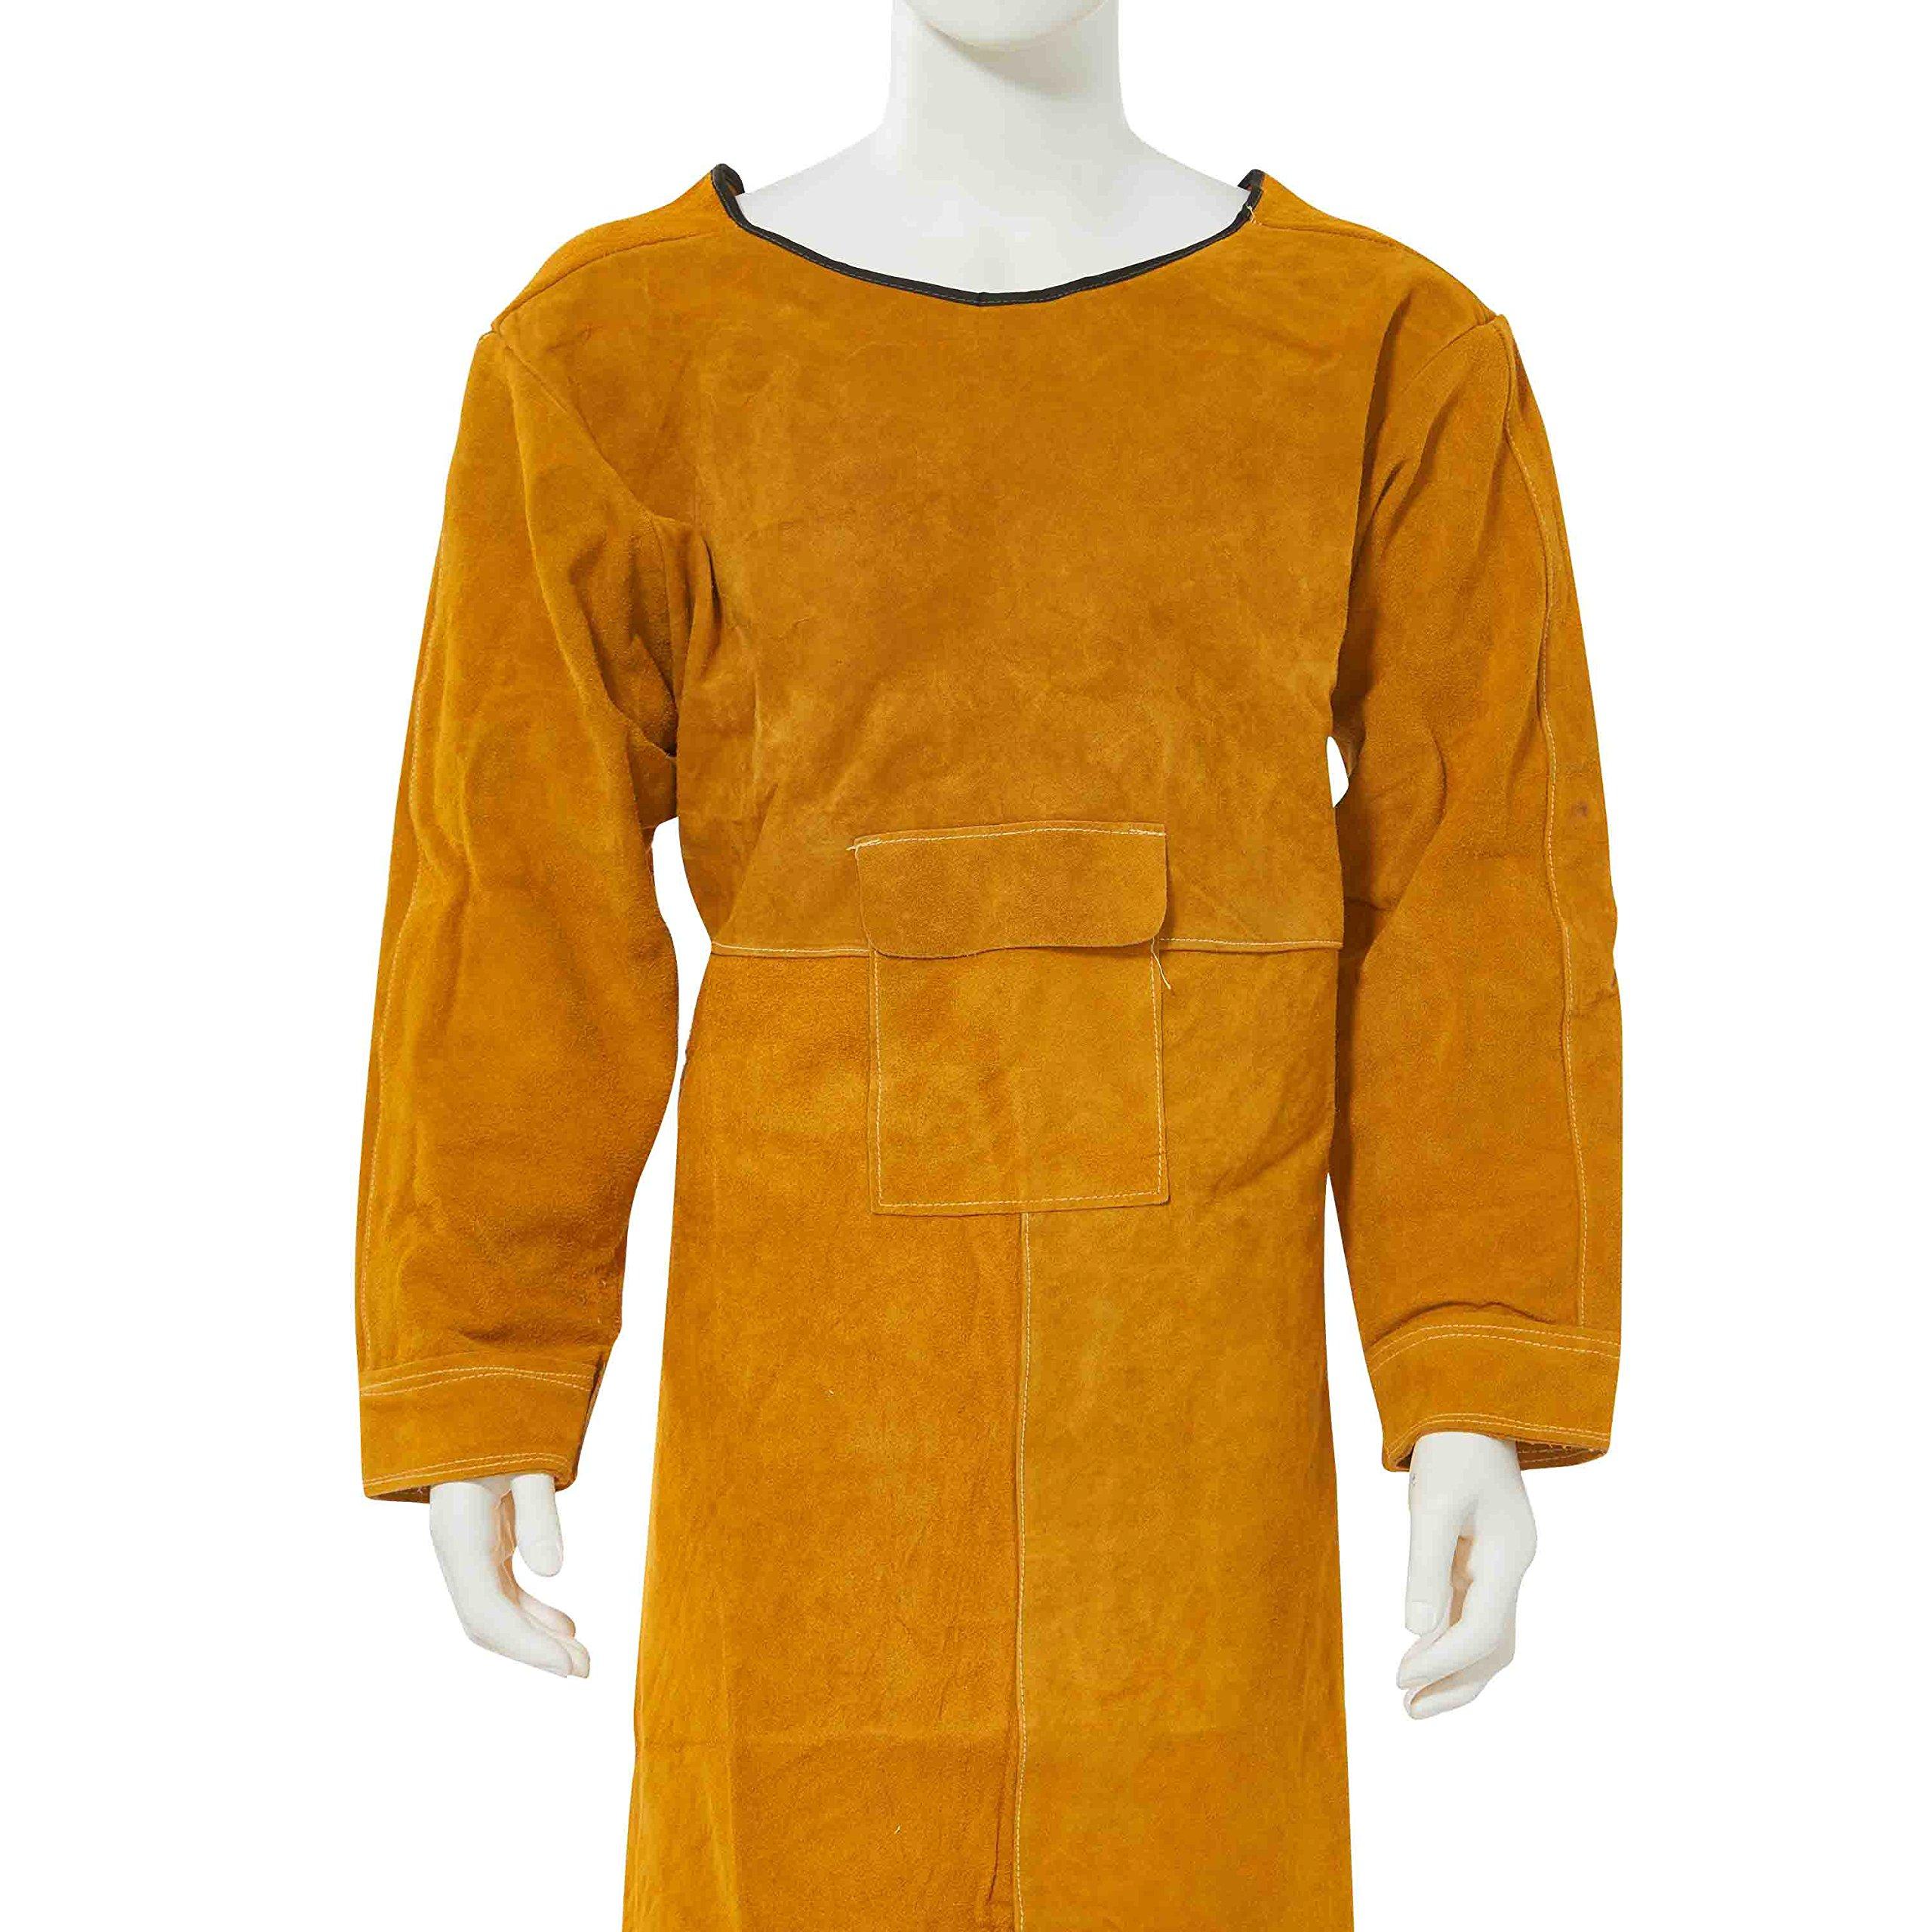 24 W x 24 L West Chester IRONCAT 7012 Heat Resistant Split Cowhide Leather Welding Waist Apron